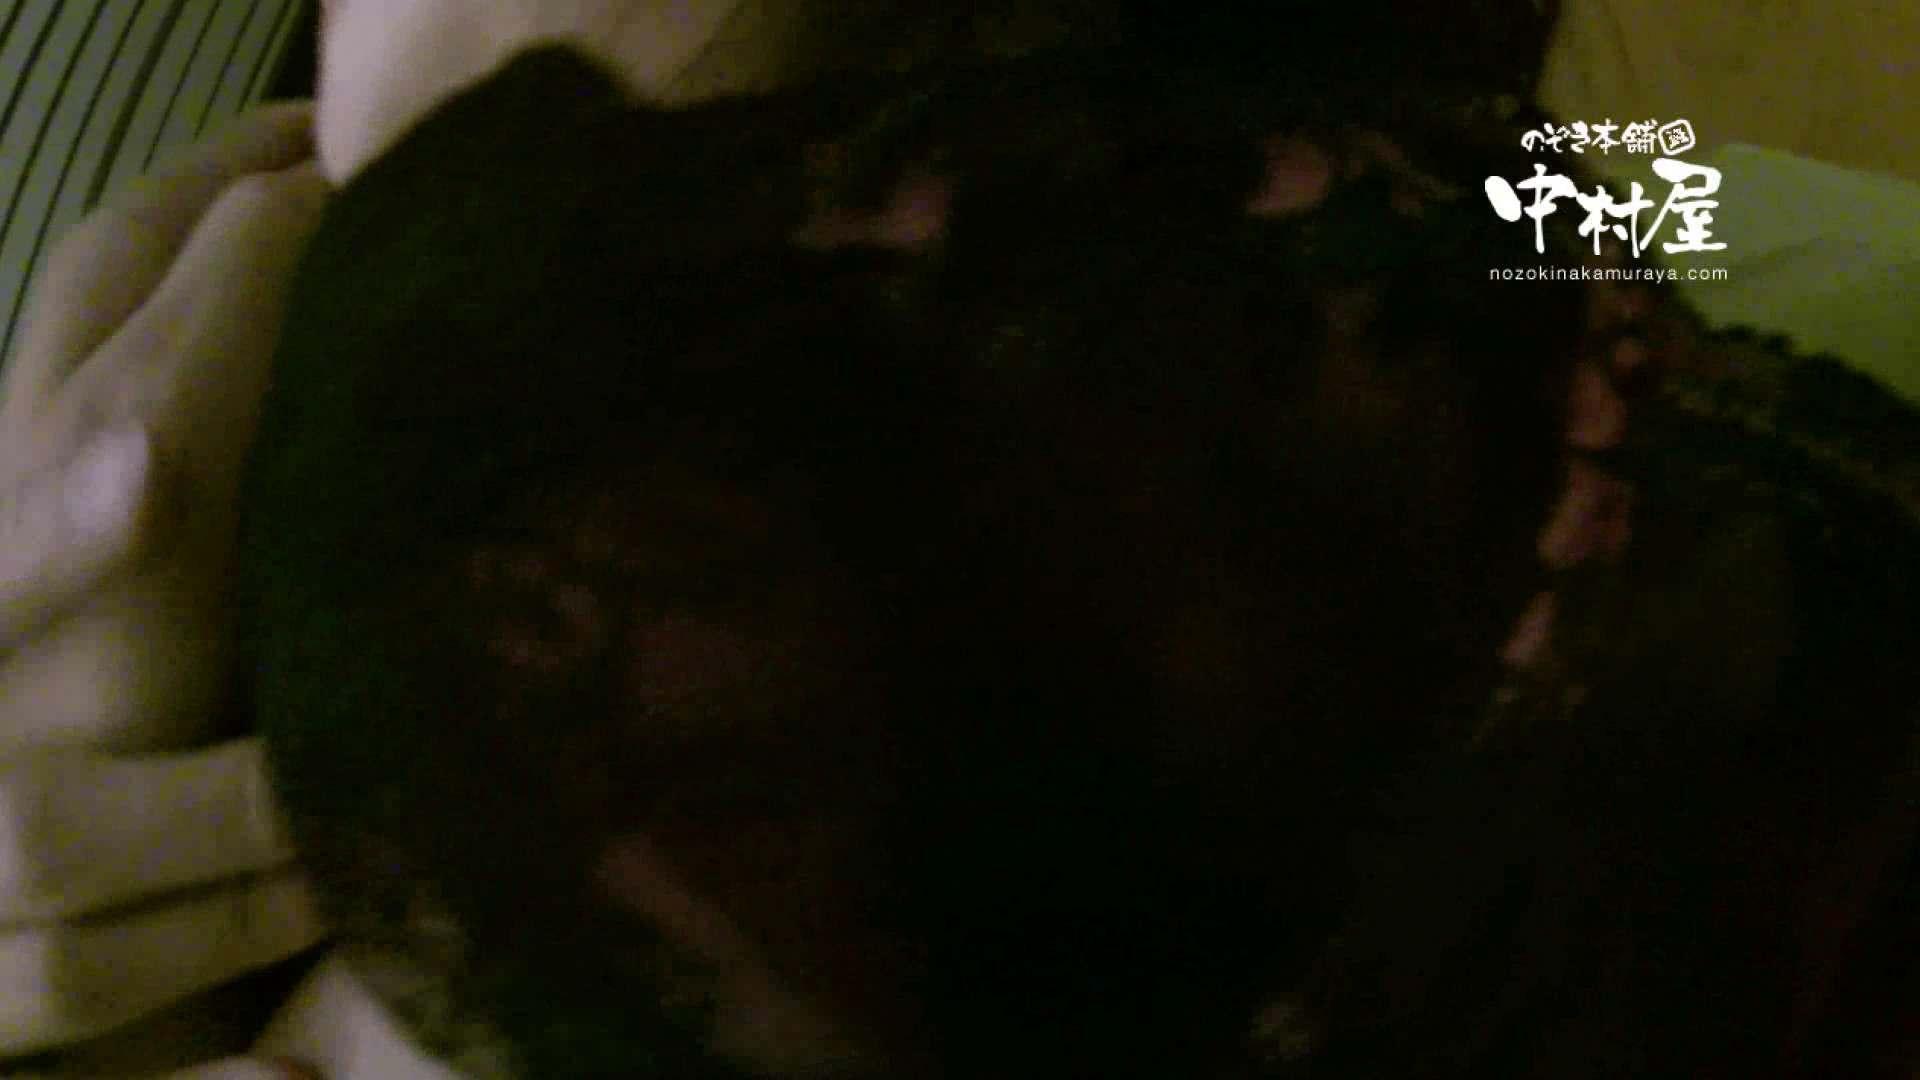 鬼畜 vol.17 中に出さないでください(アニメ声で懇願) 後編 OLセックス   鬼畜  83画像 67